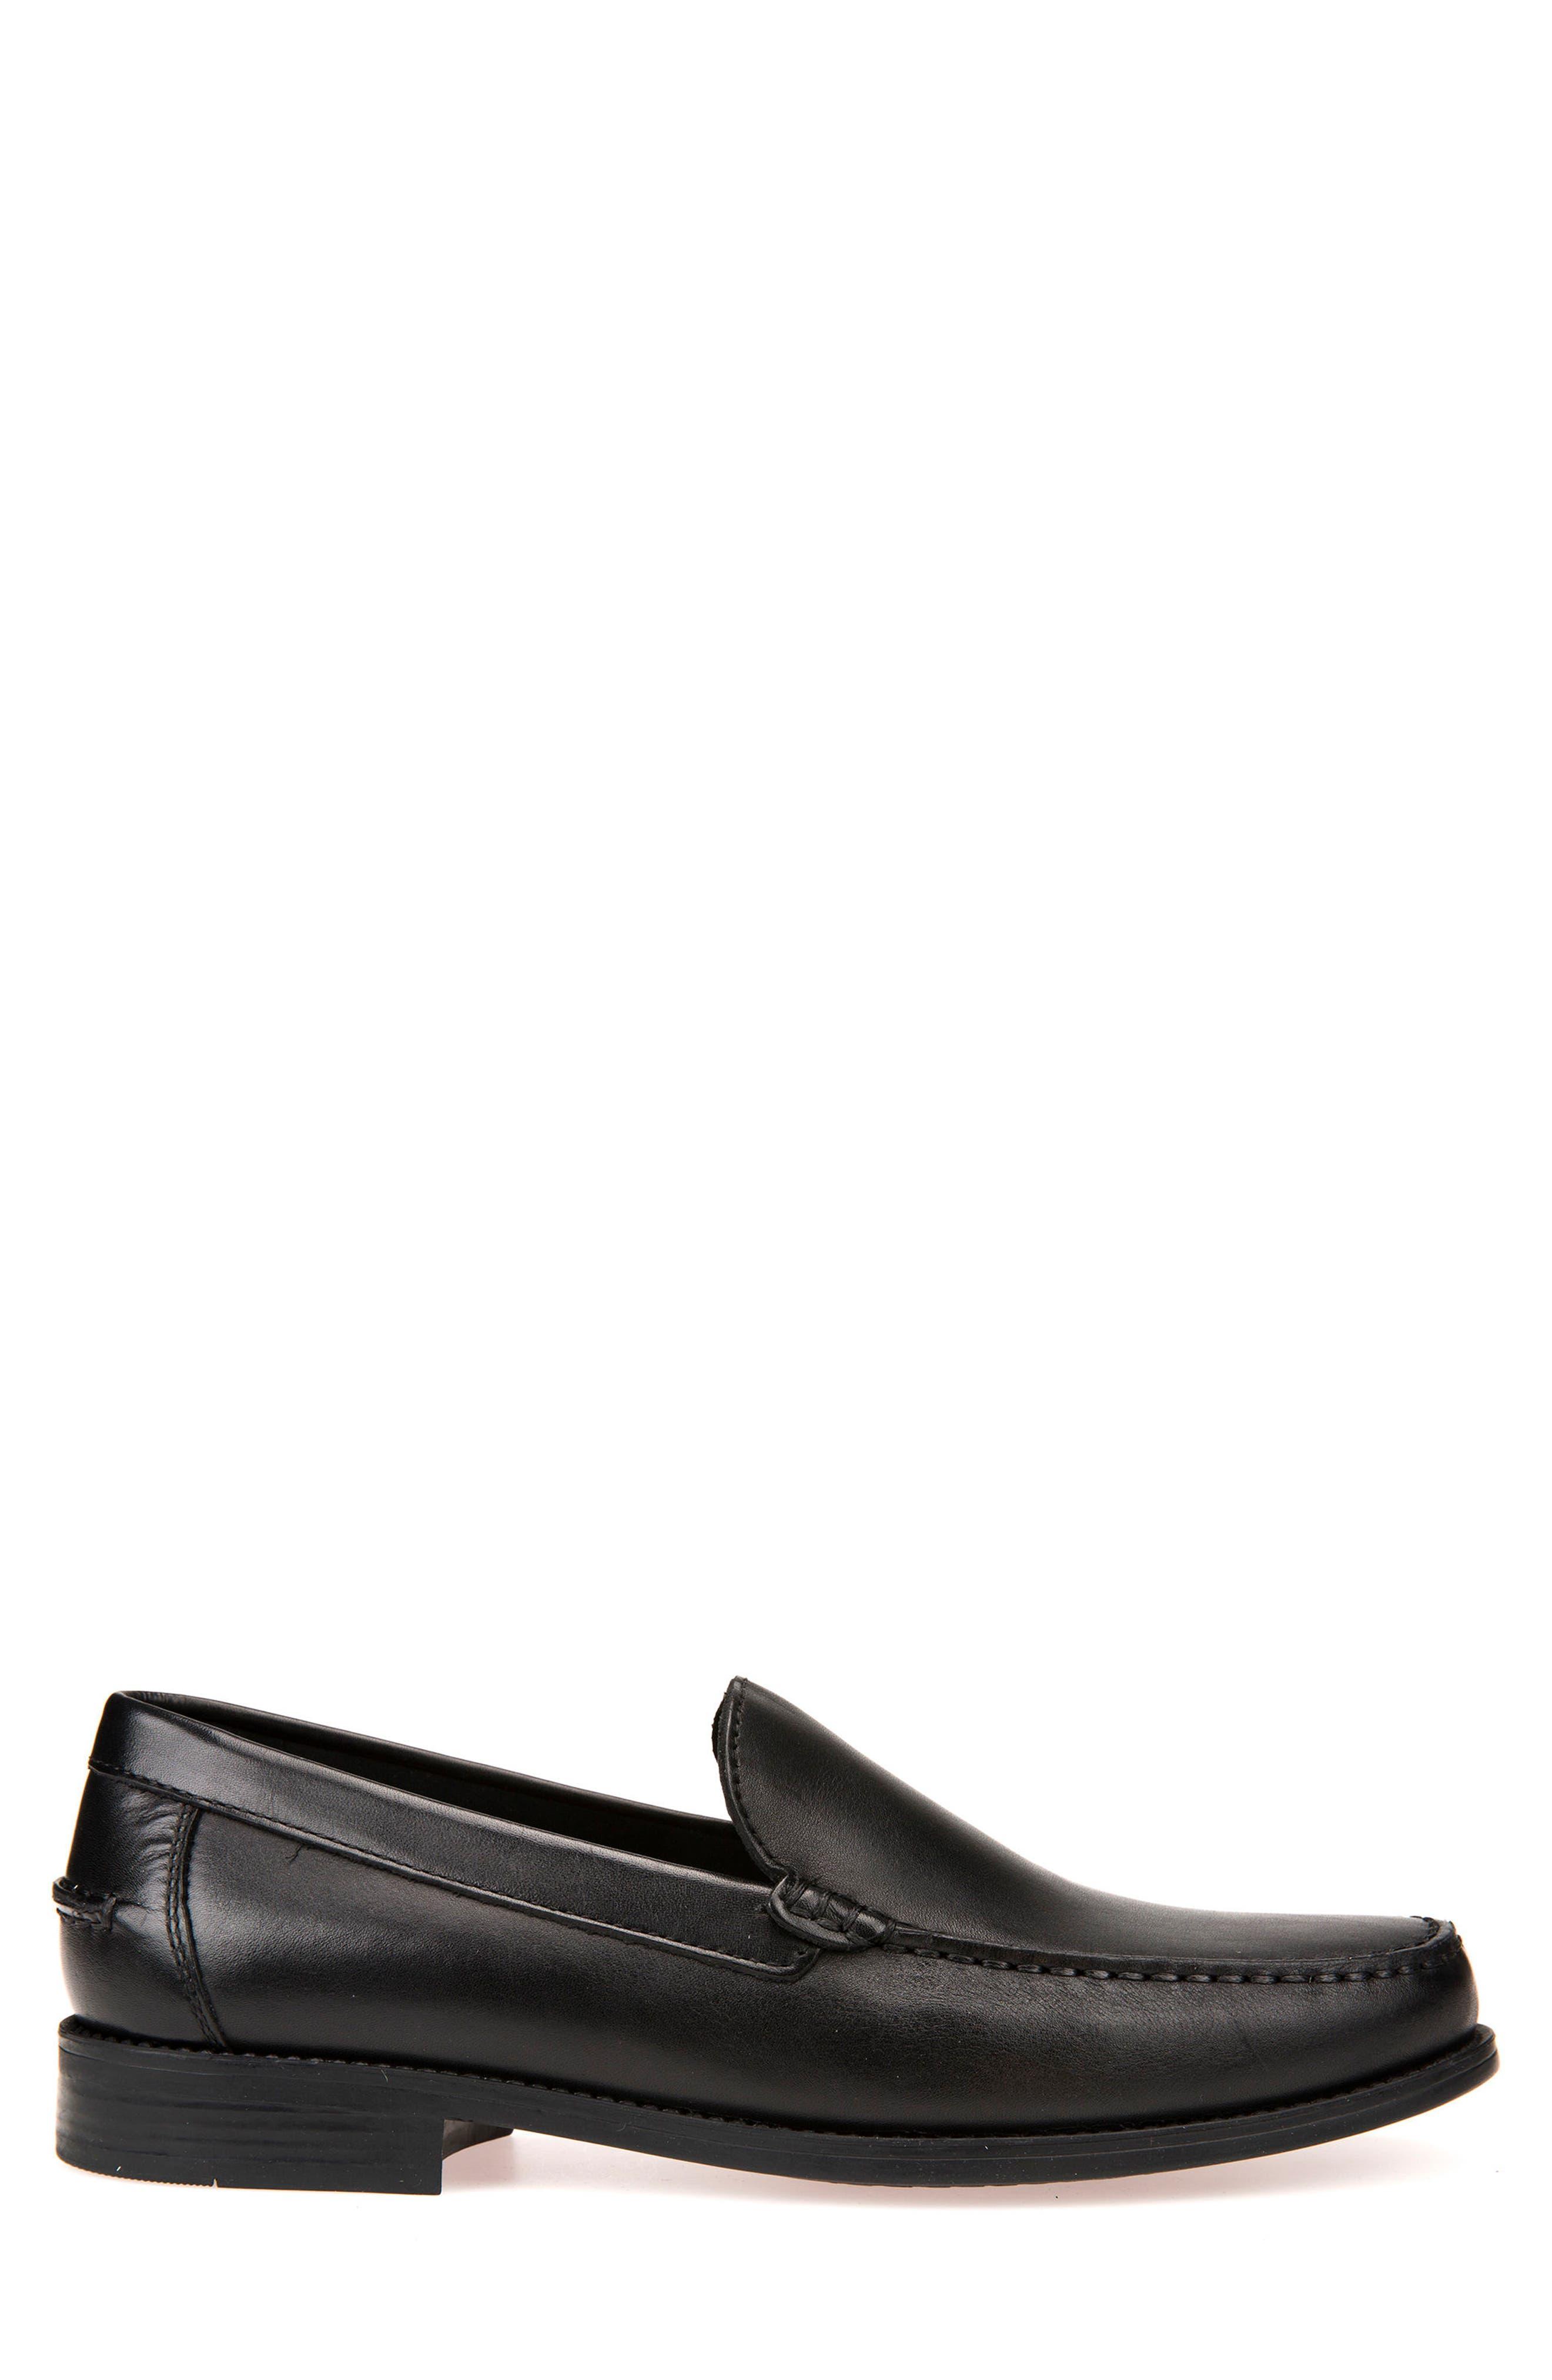 GEOX, New Damon 2 Venetian Slip-On Shoe, Alternate thumbnail 3, color, BLACK LEATHER